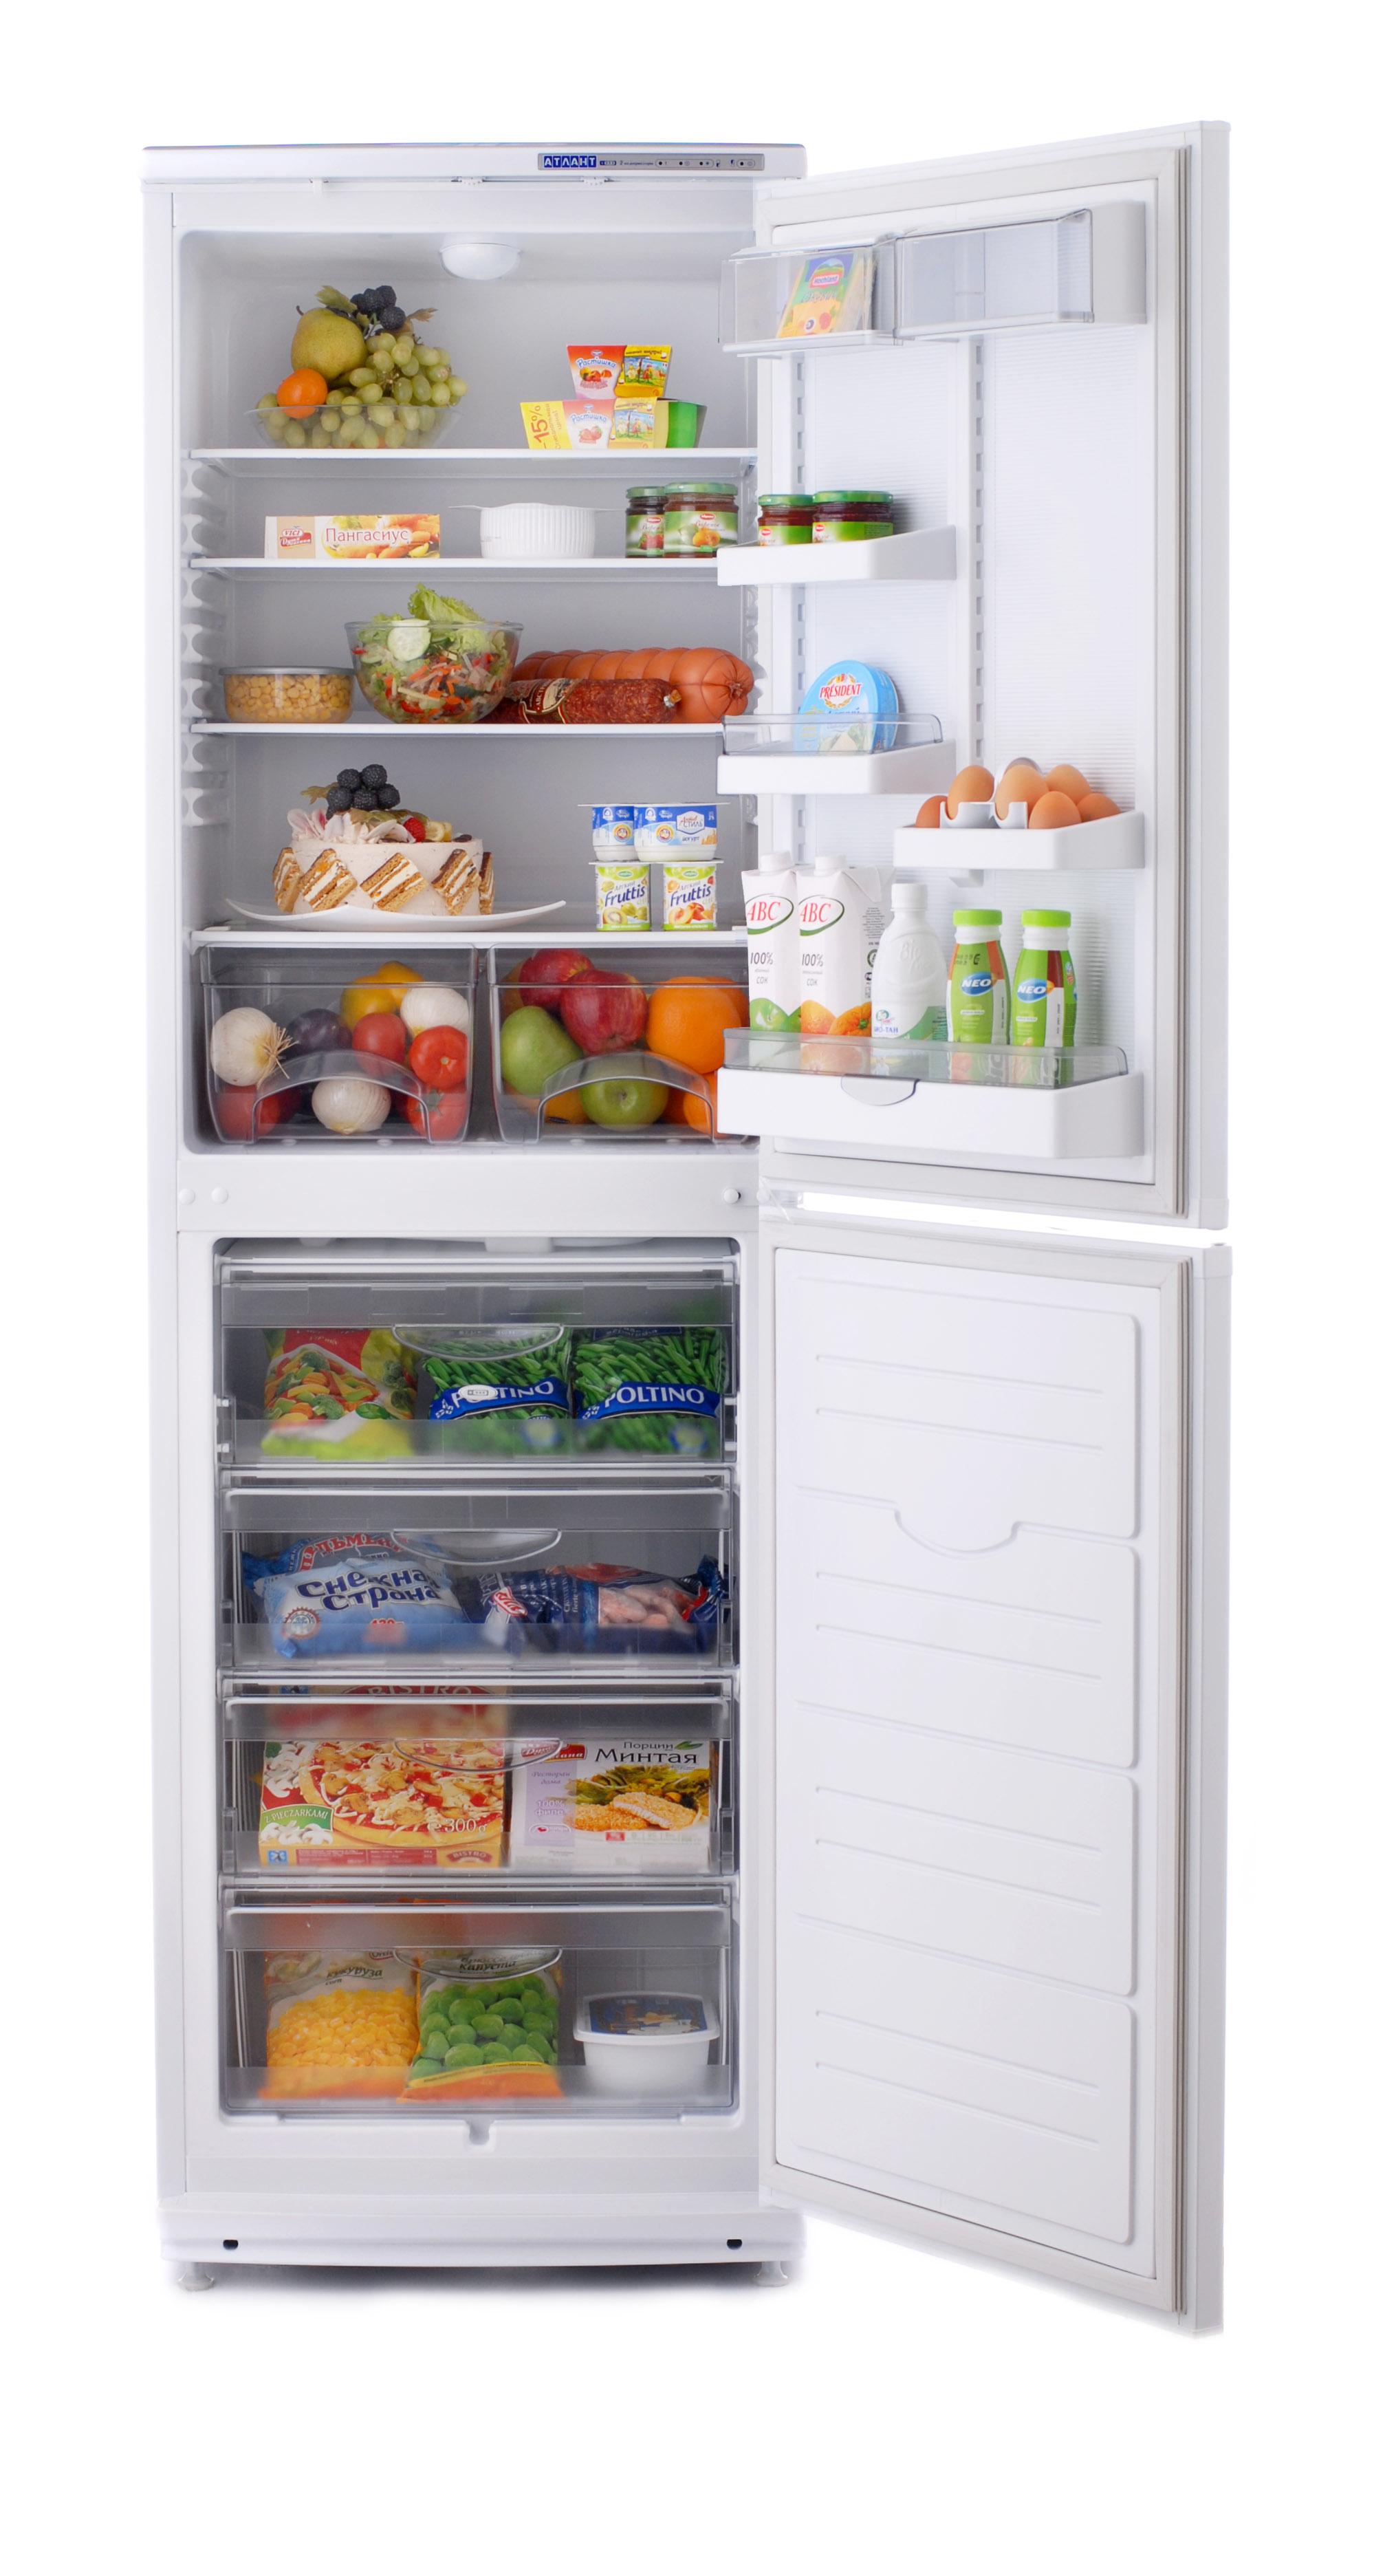 холодильник атлант хм-6023-000 инструкция